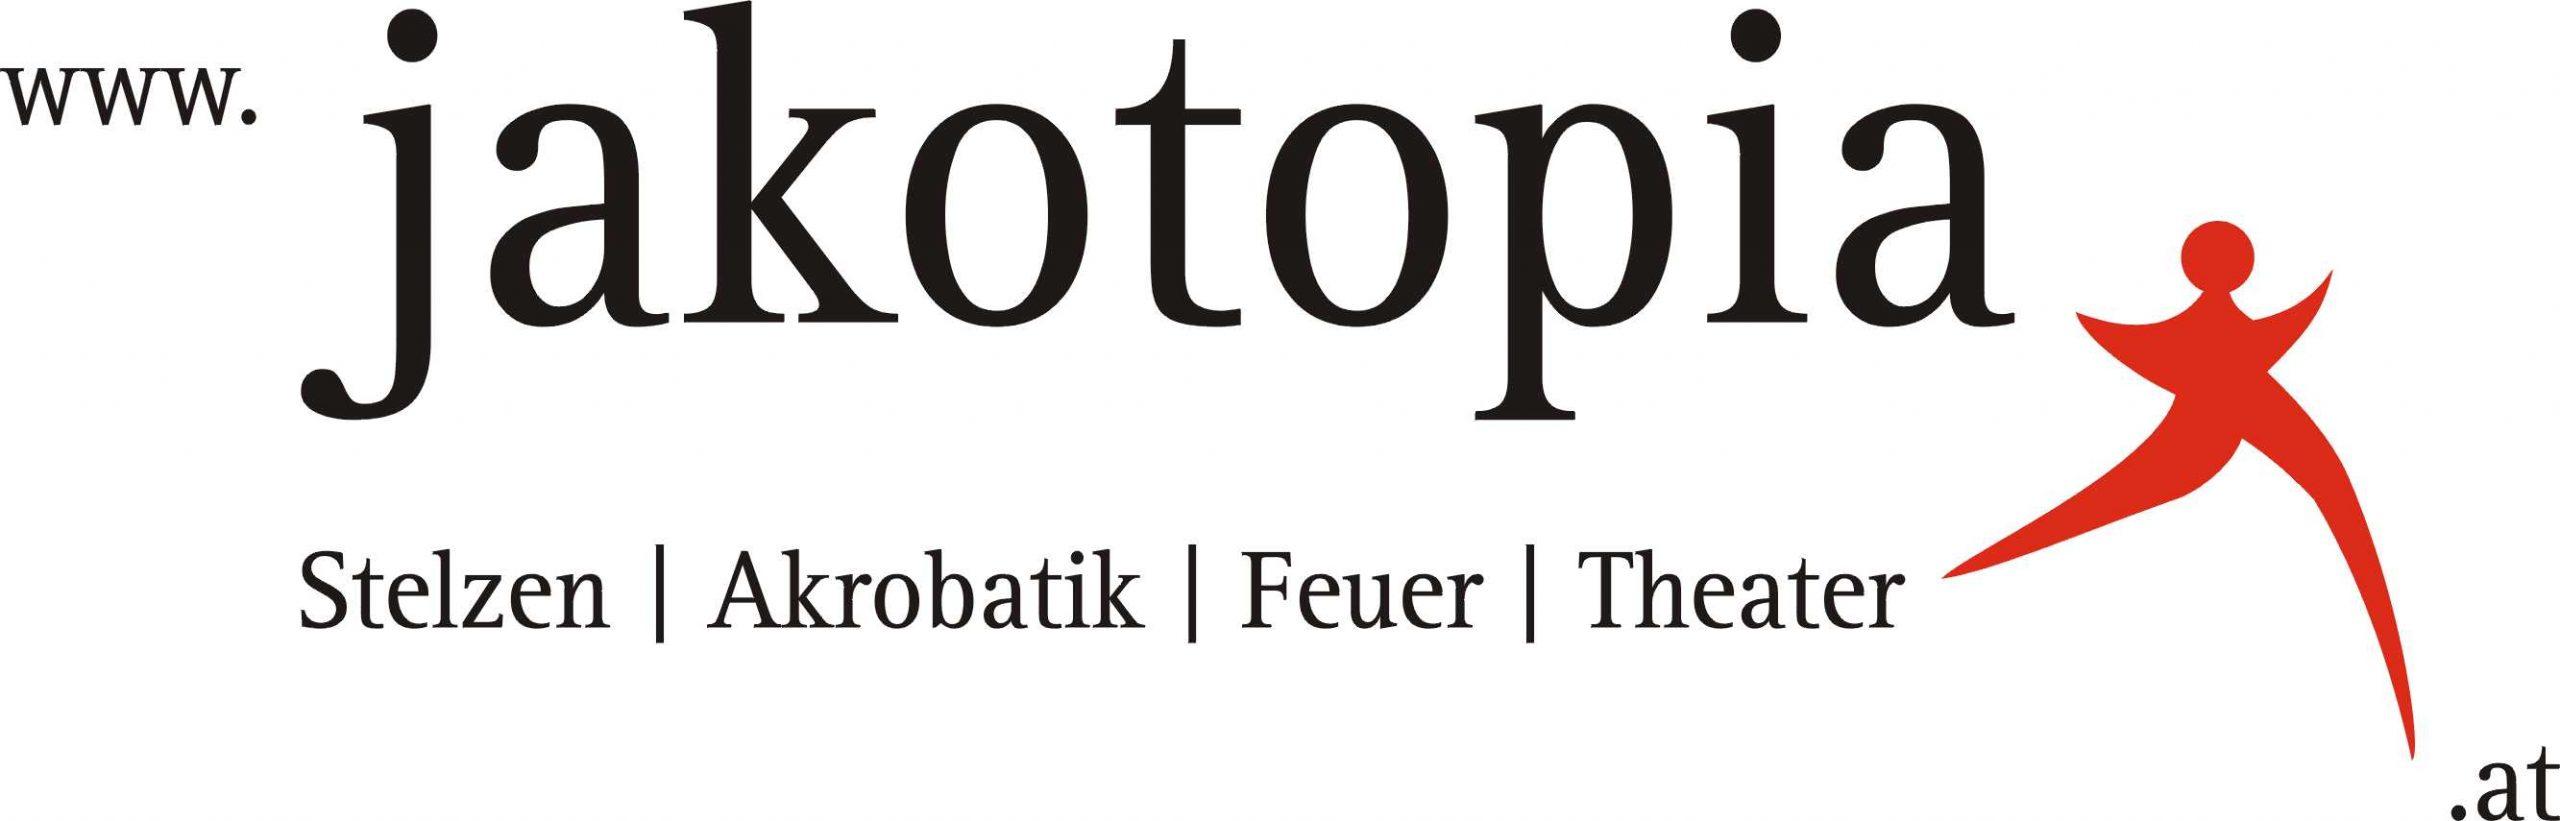 logo_begriffe_www_rgb